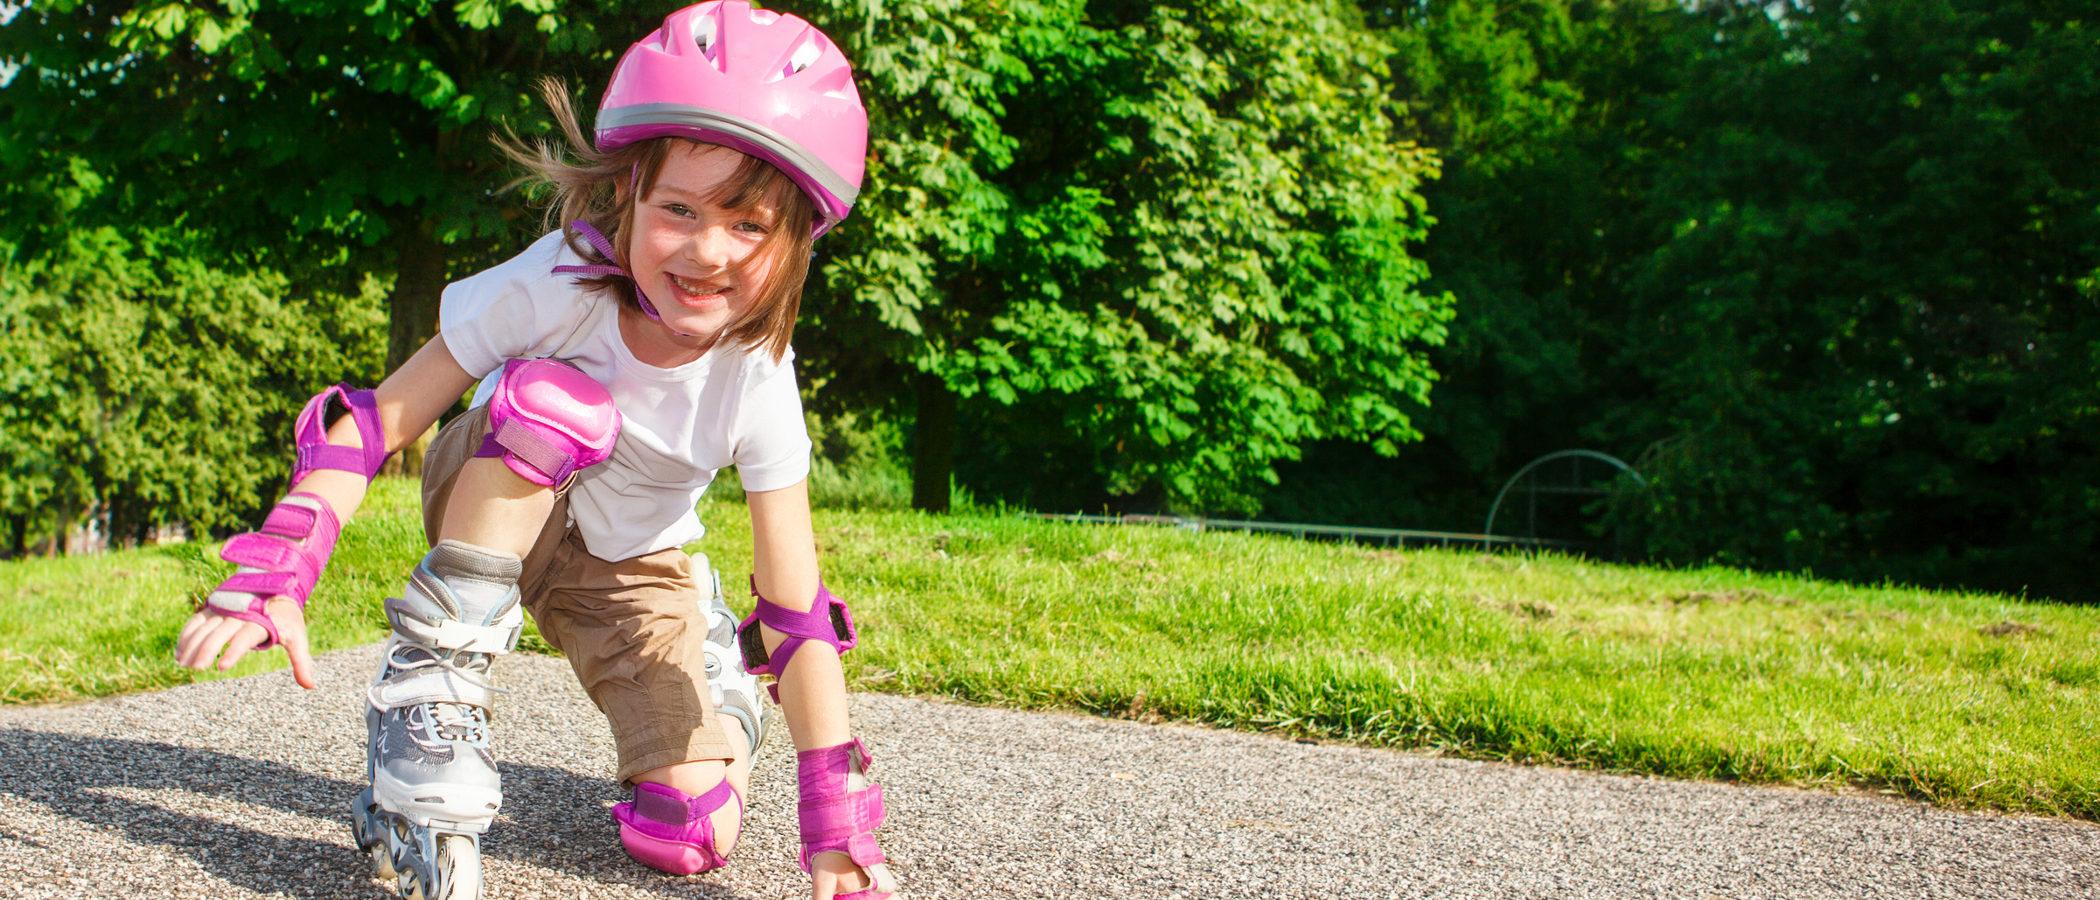 Salir a patinar con los niños, ¿qué precauciones debemos tomar?